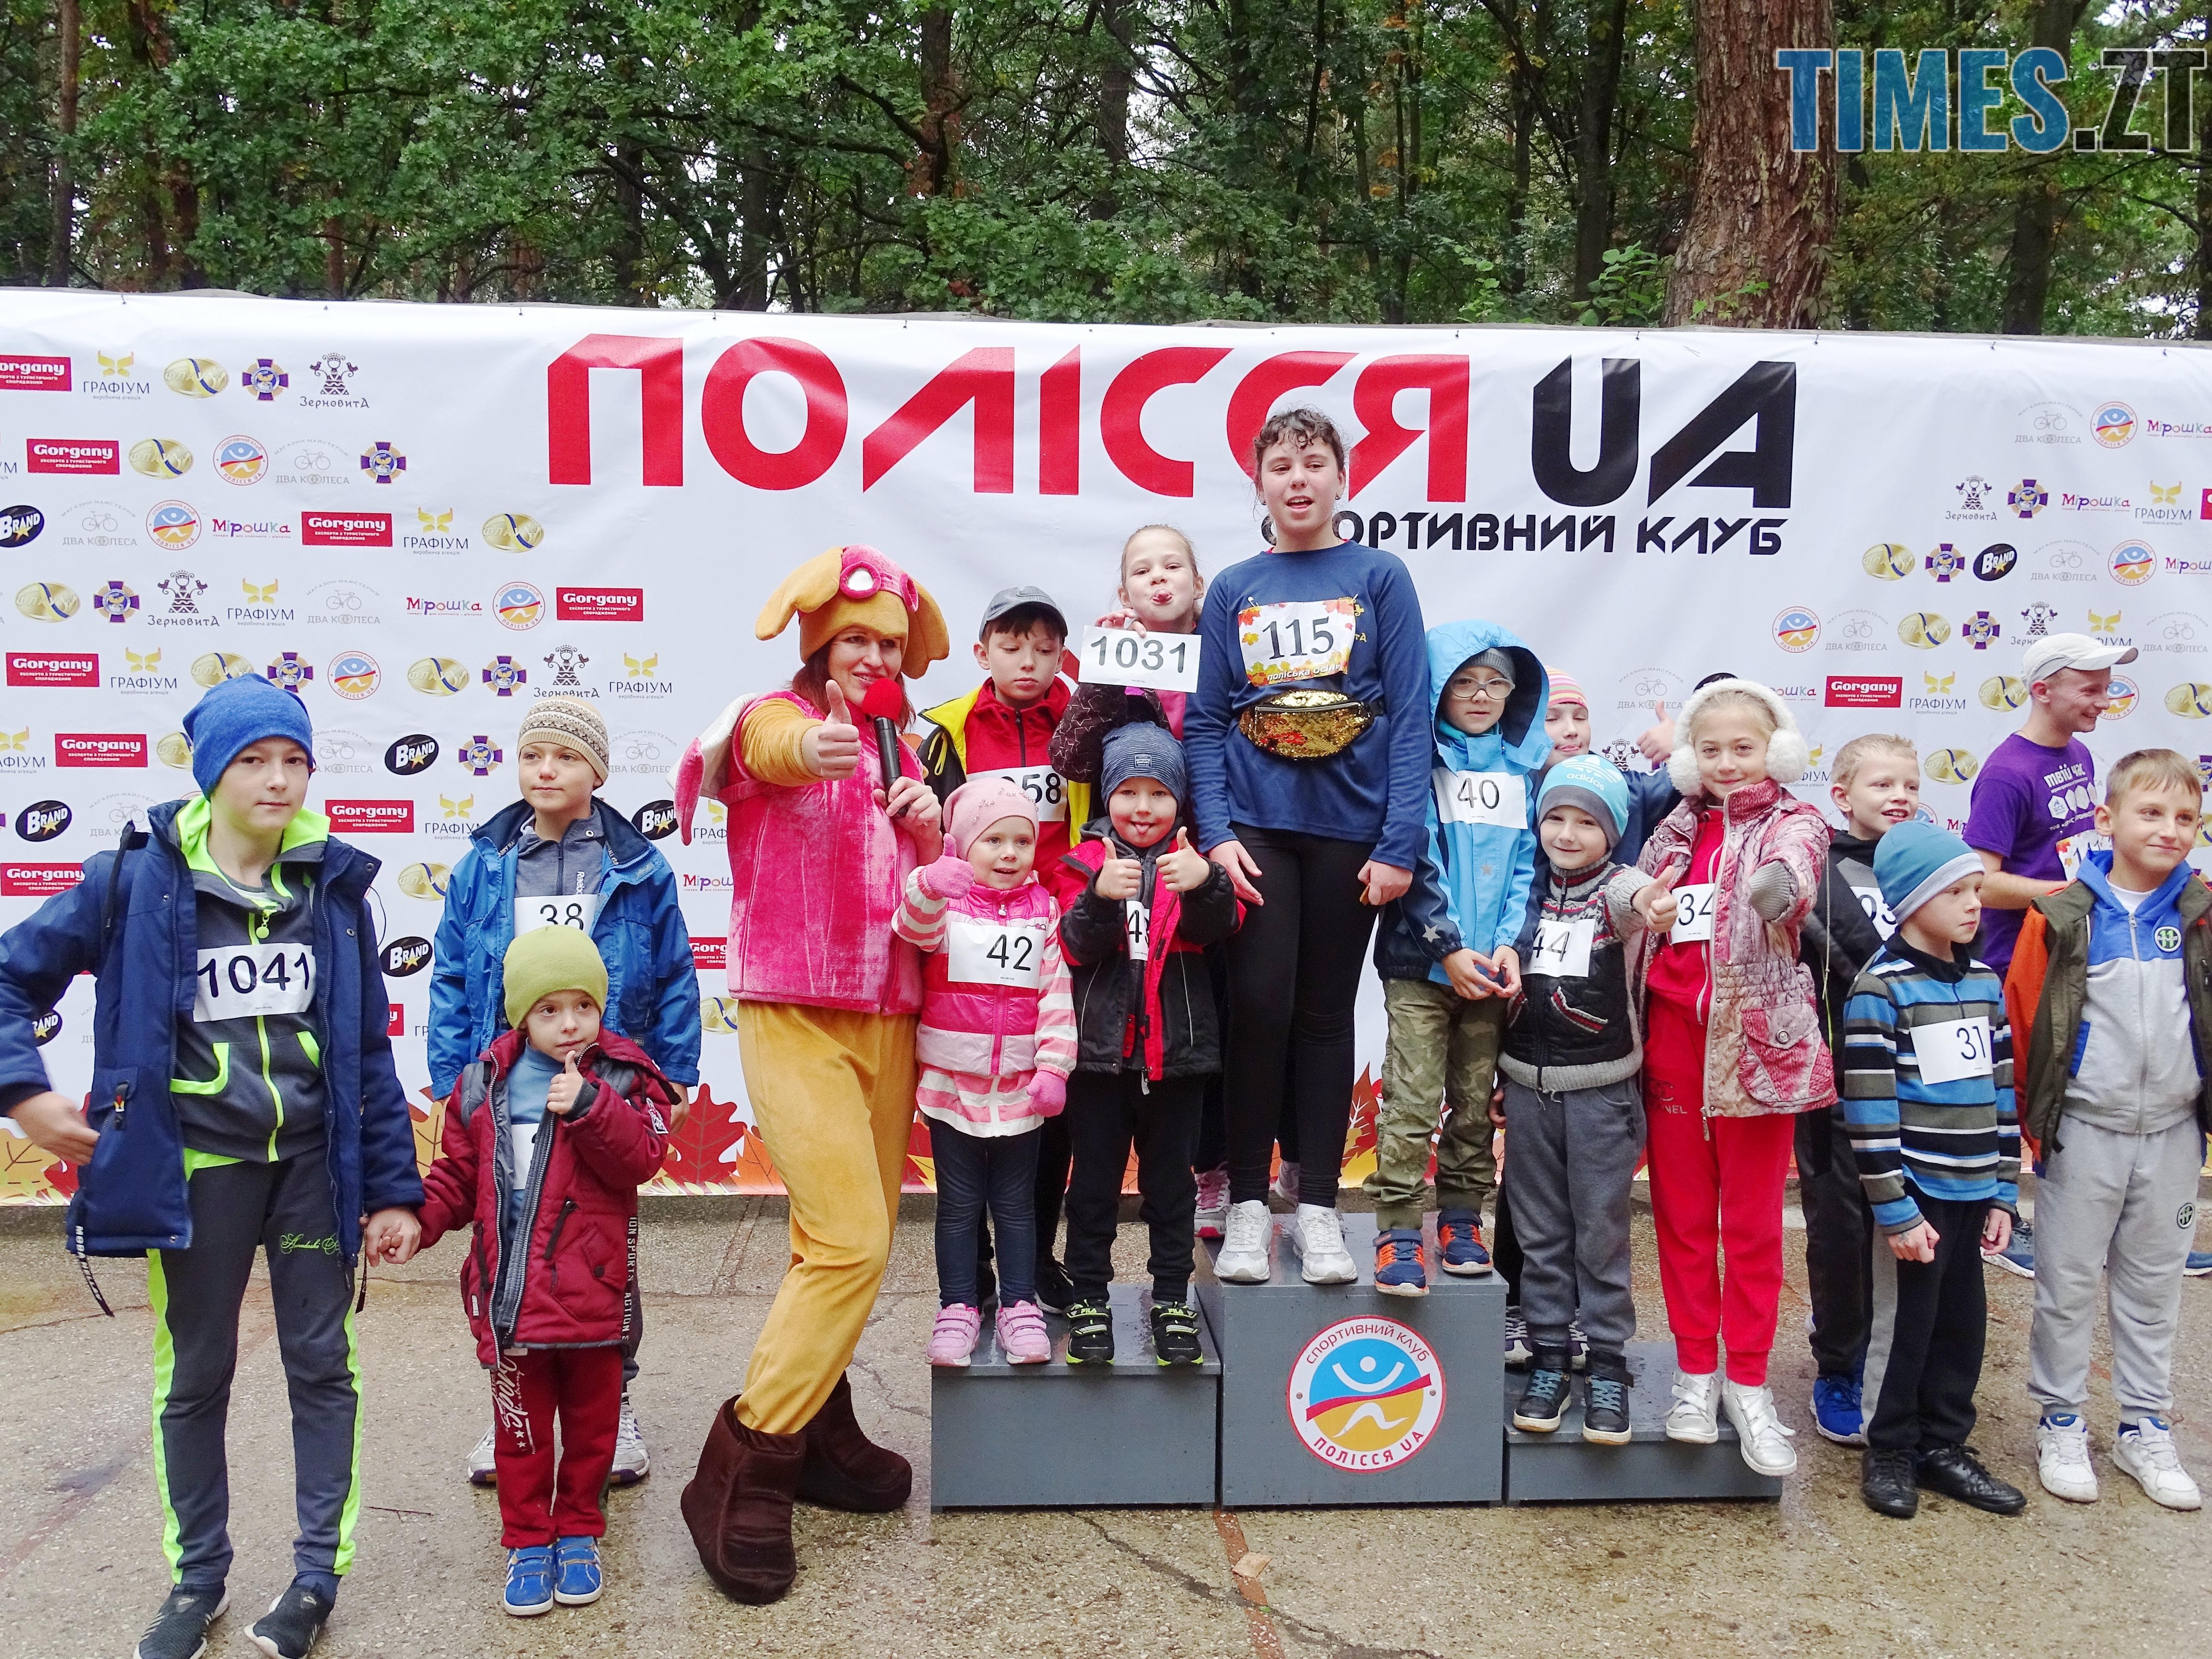 призерів дитячих дистанцій - У Житомирі відбулися змагання з кросу «Поліська осінь – 2018» (ФОТО)